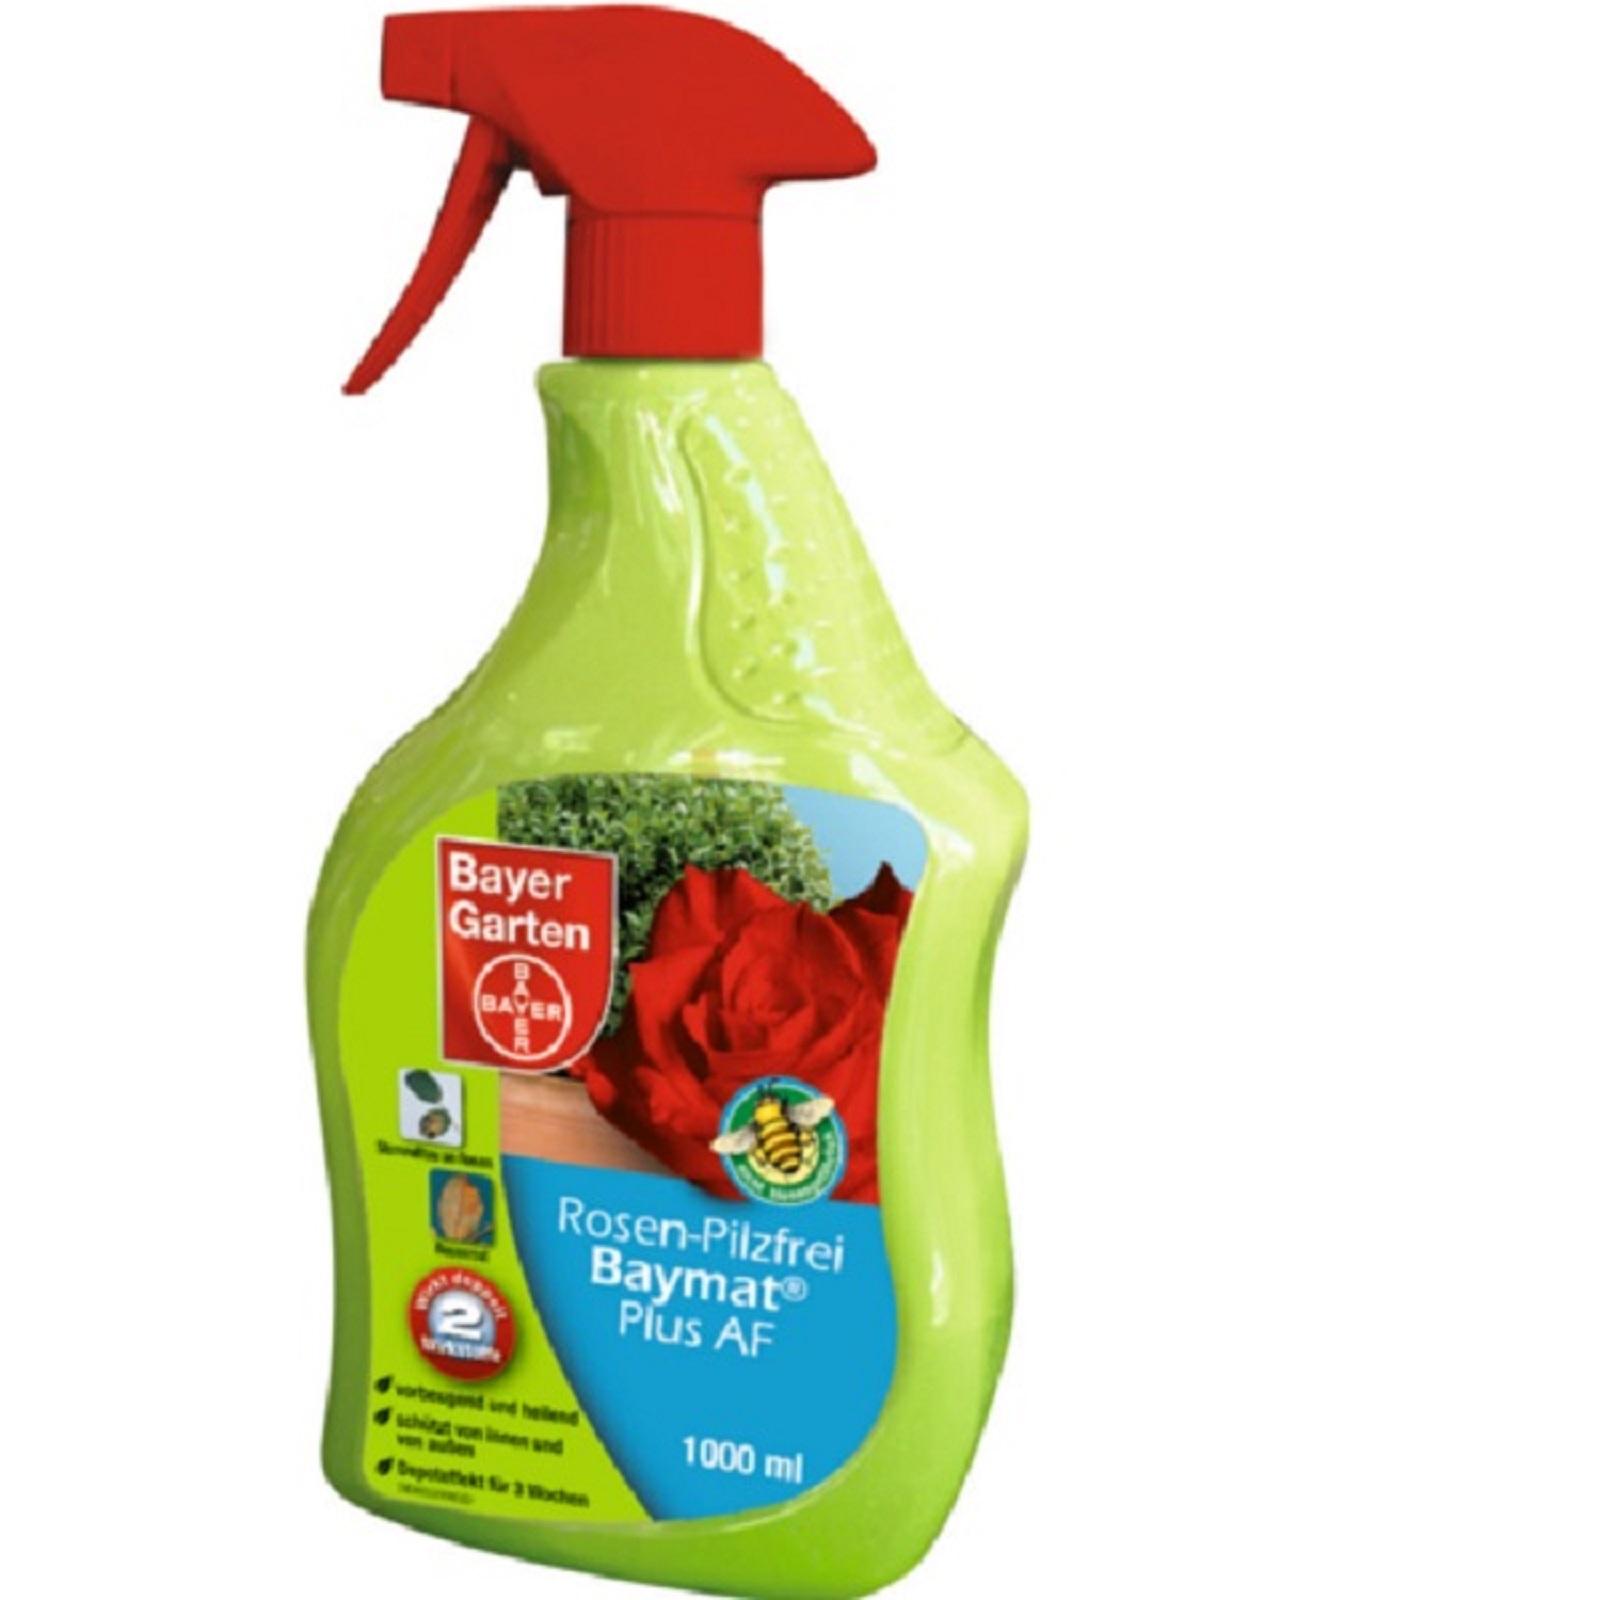 Bayer Rosen Pilzfrei Baymat Plus AF 1 Liter